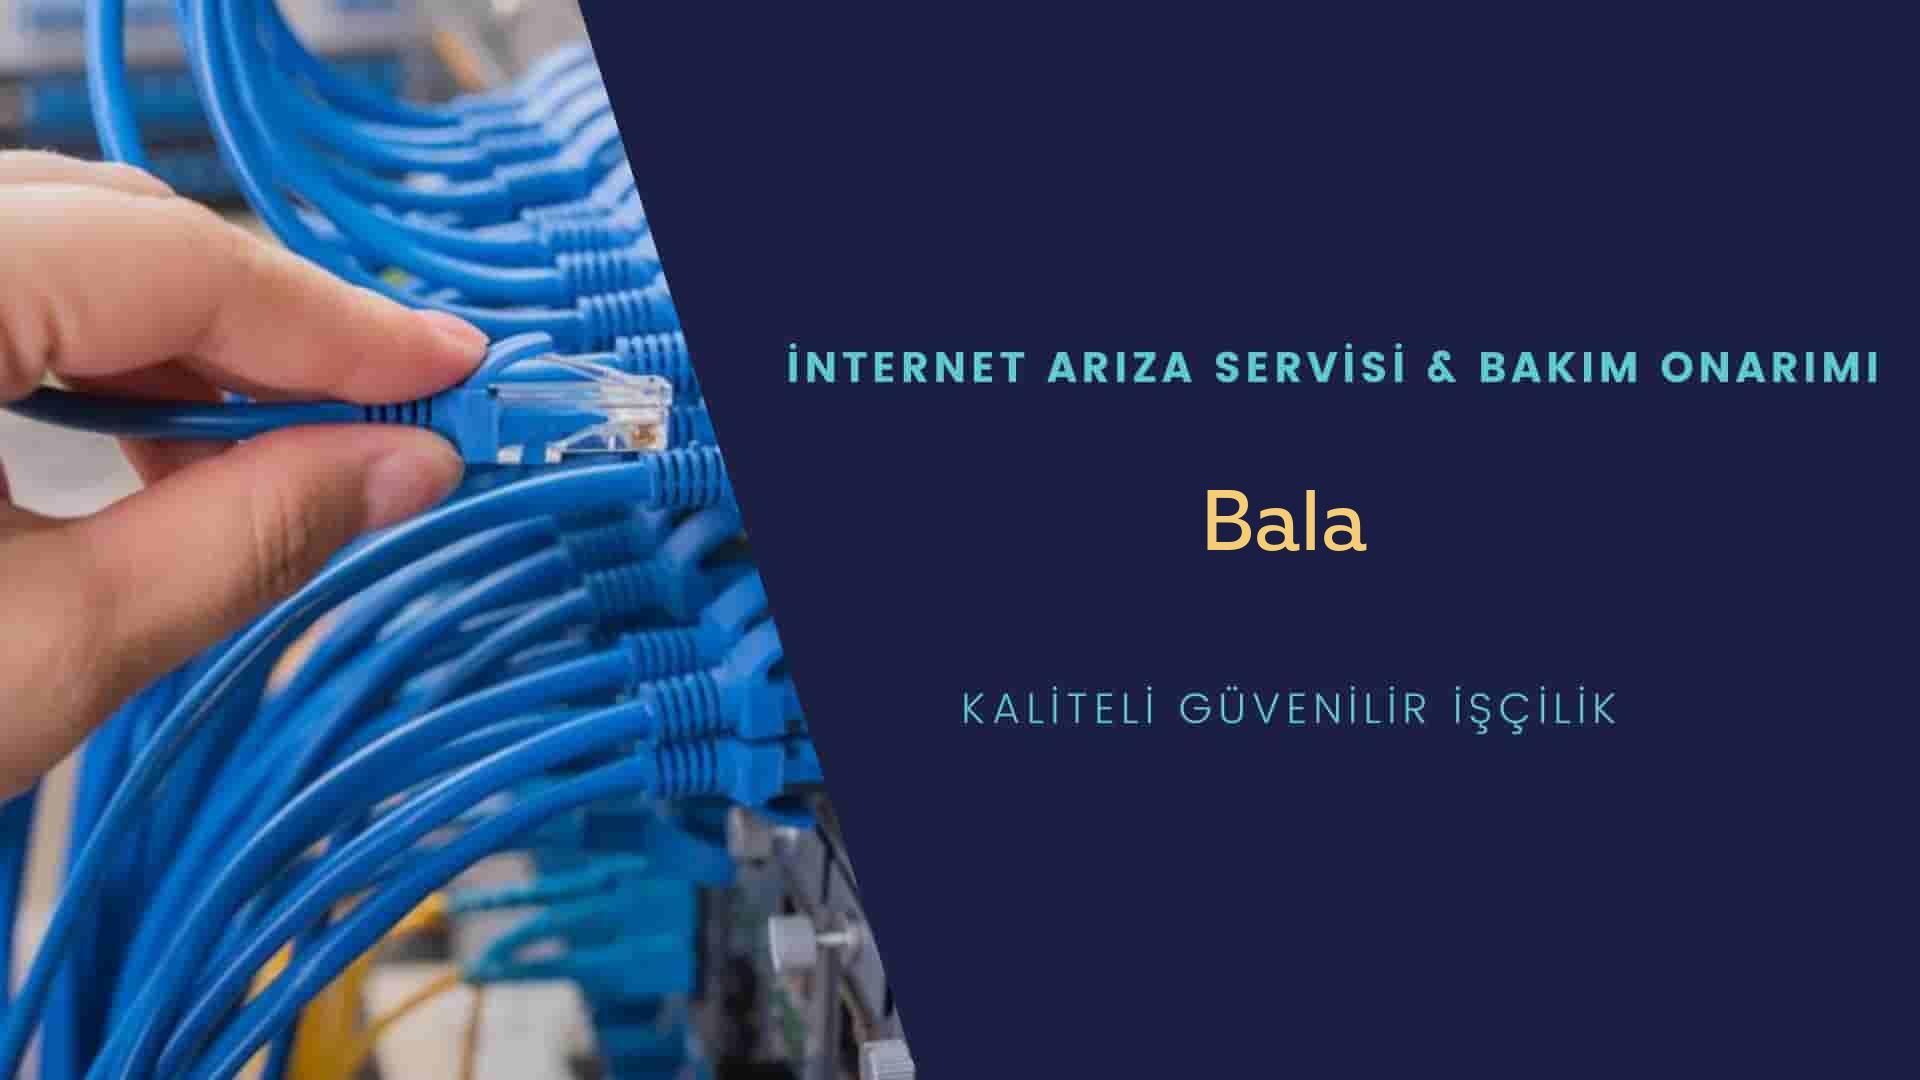 Bala internet kablosu çekimi yapan yerler veya elektrikçiler mi? arıyorsunuz doğru yerdesiniz o zaman sizlere 7/24 yardımcı olacak profesyonel ustalarımız bir telefon kadar yakındır size.